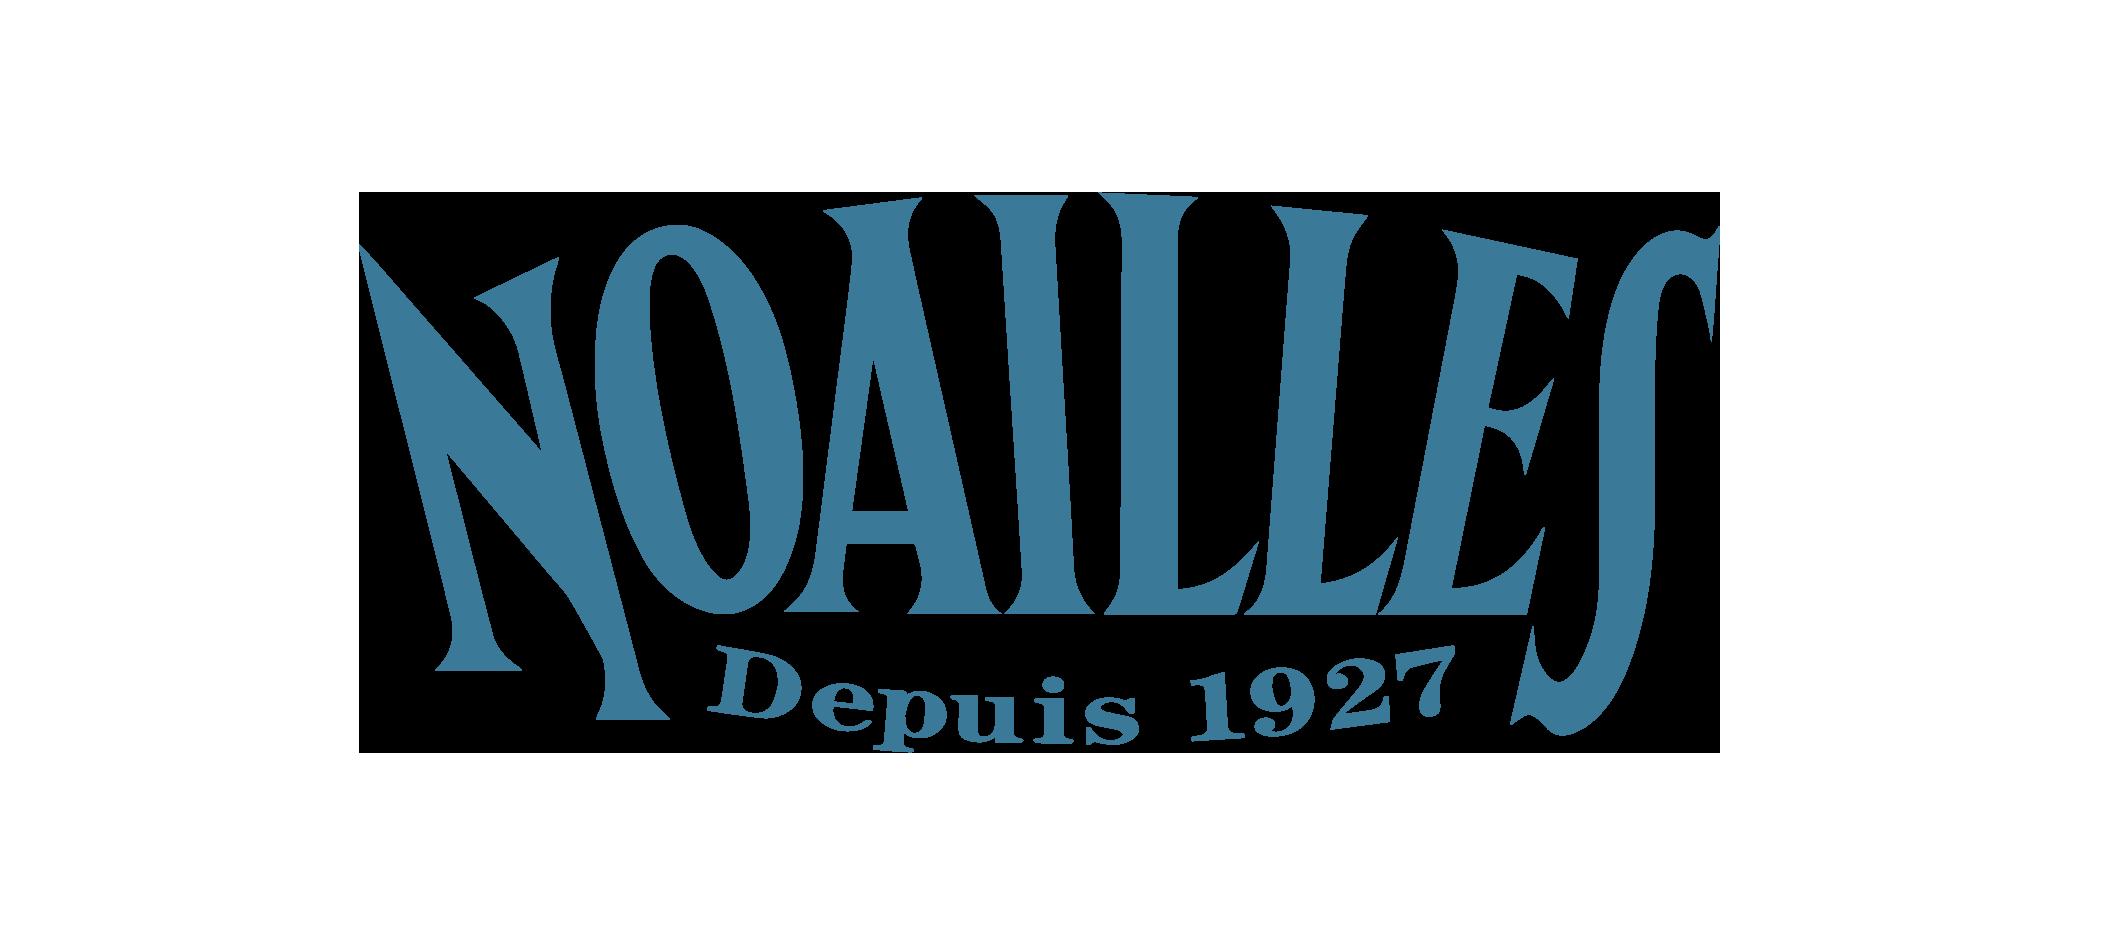 NOAILLES DEPUIS 1927